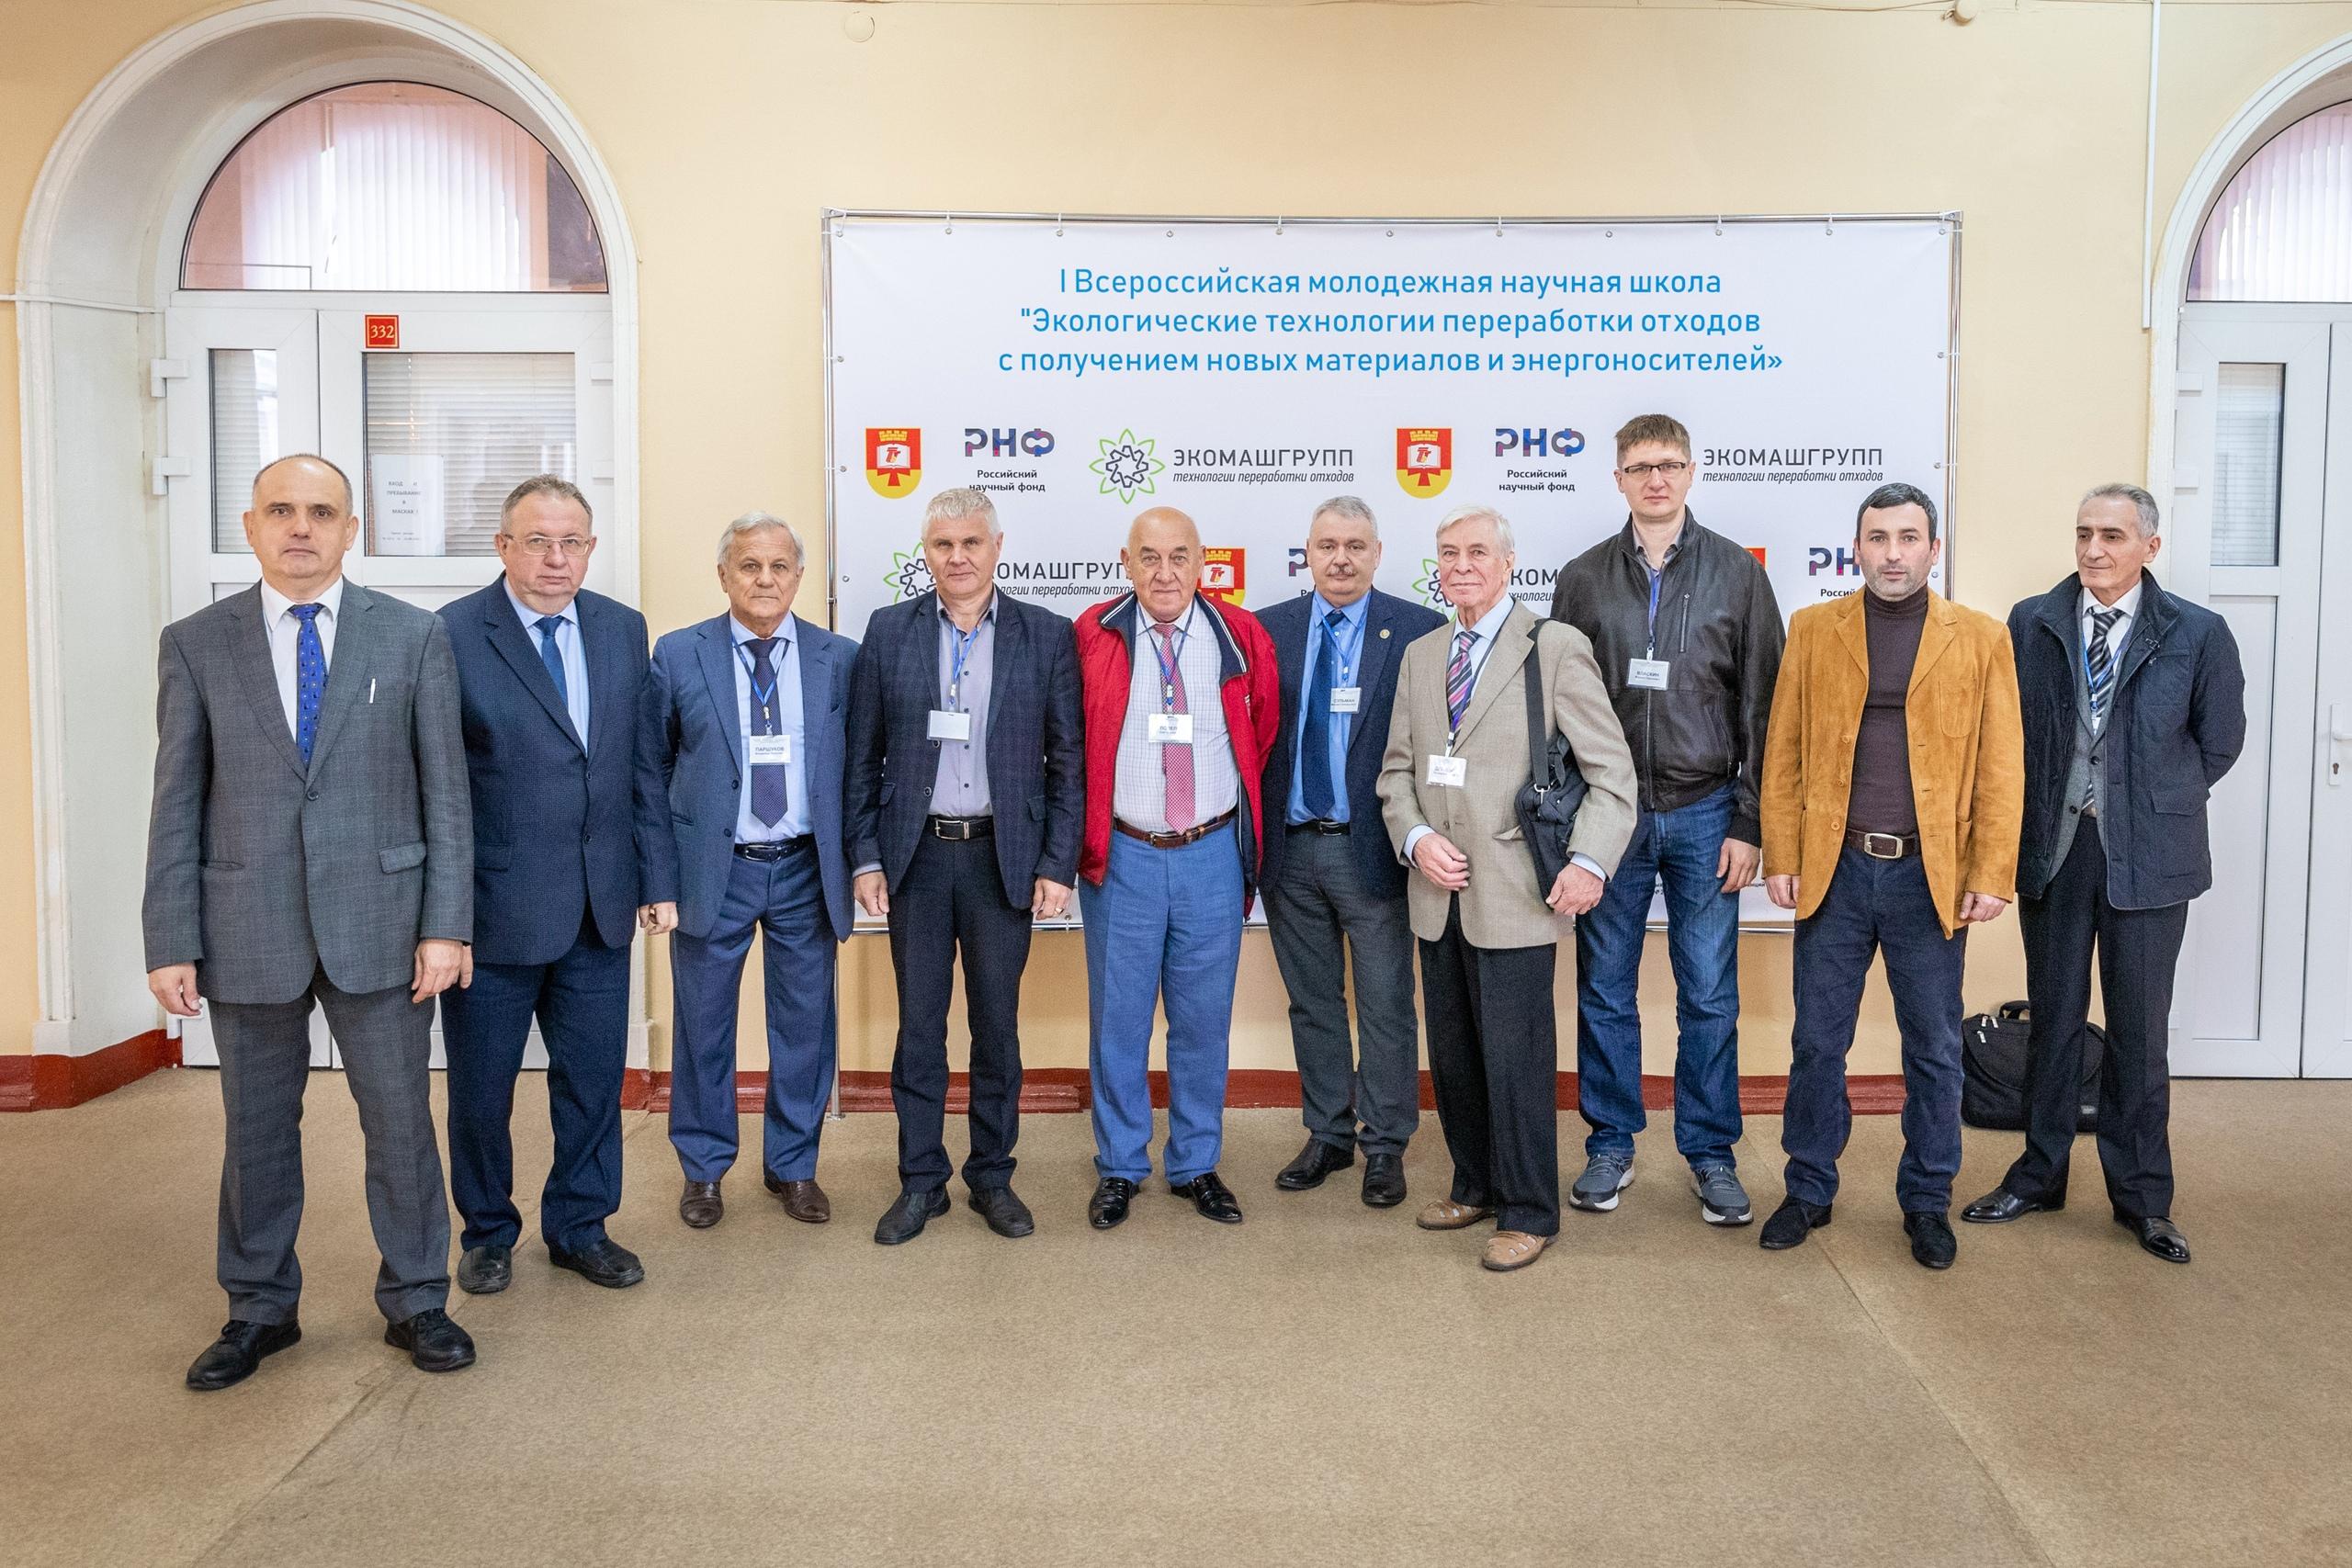 ТвГТУ провел Всероссийскую научную школу по экотехнологиям переработки отходов